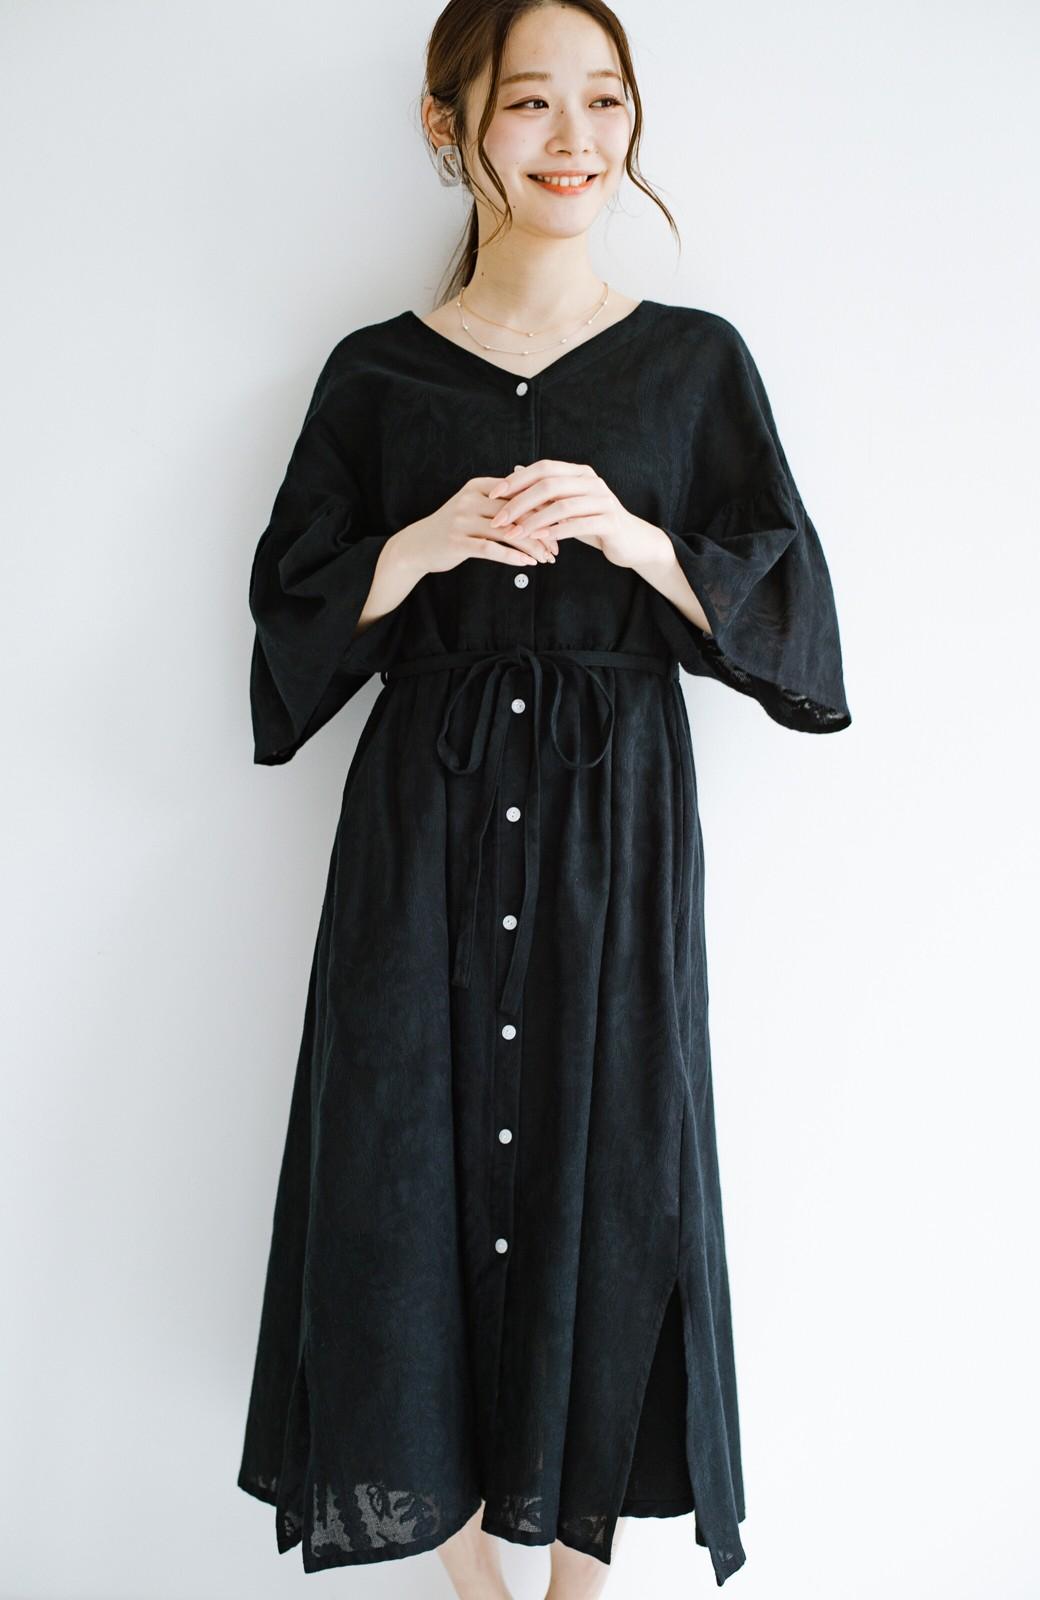 haco! 京都の浴衣屋さんと作った浴衣生地の羽織りにもなるワンピース <ブラック>の商品写真2